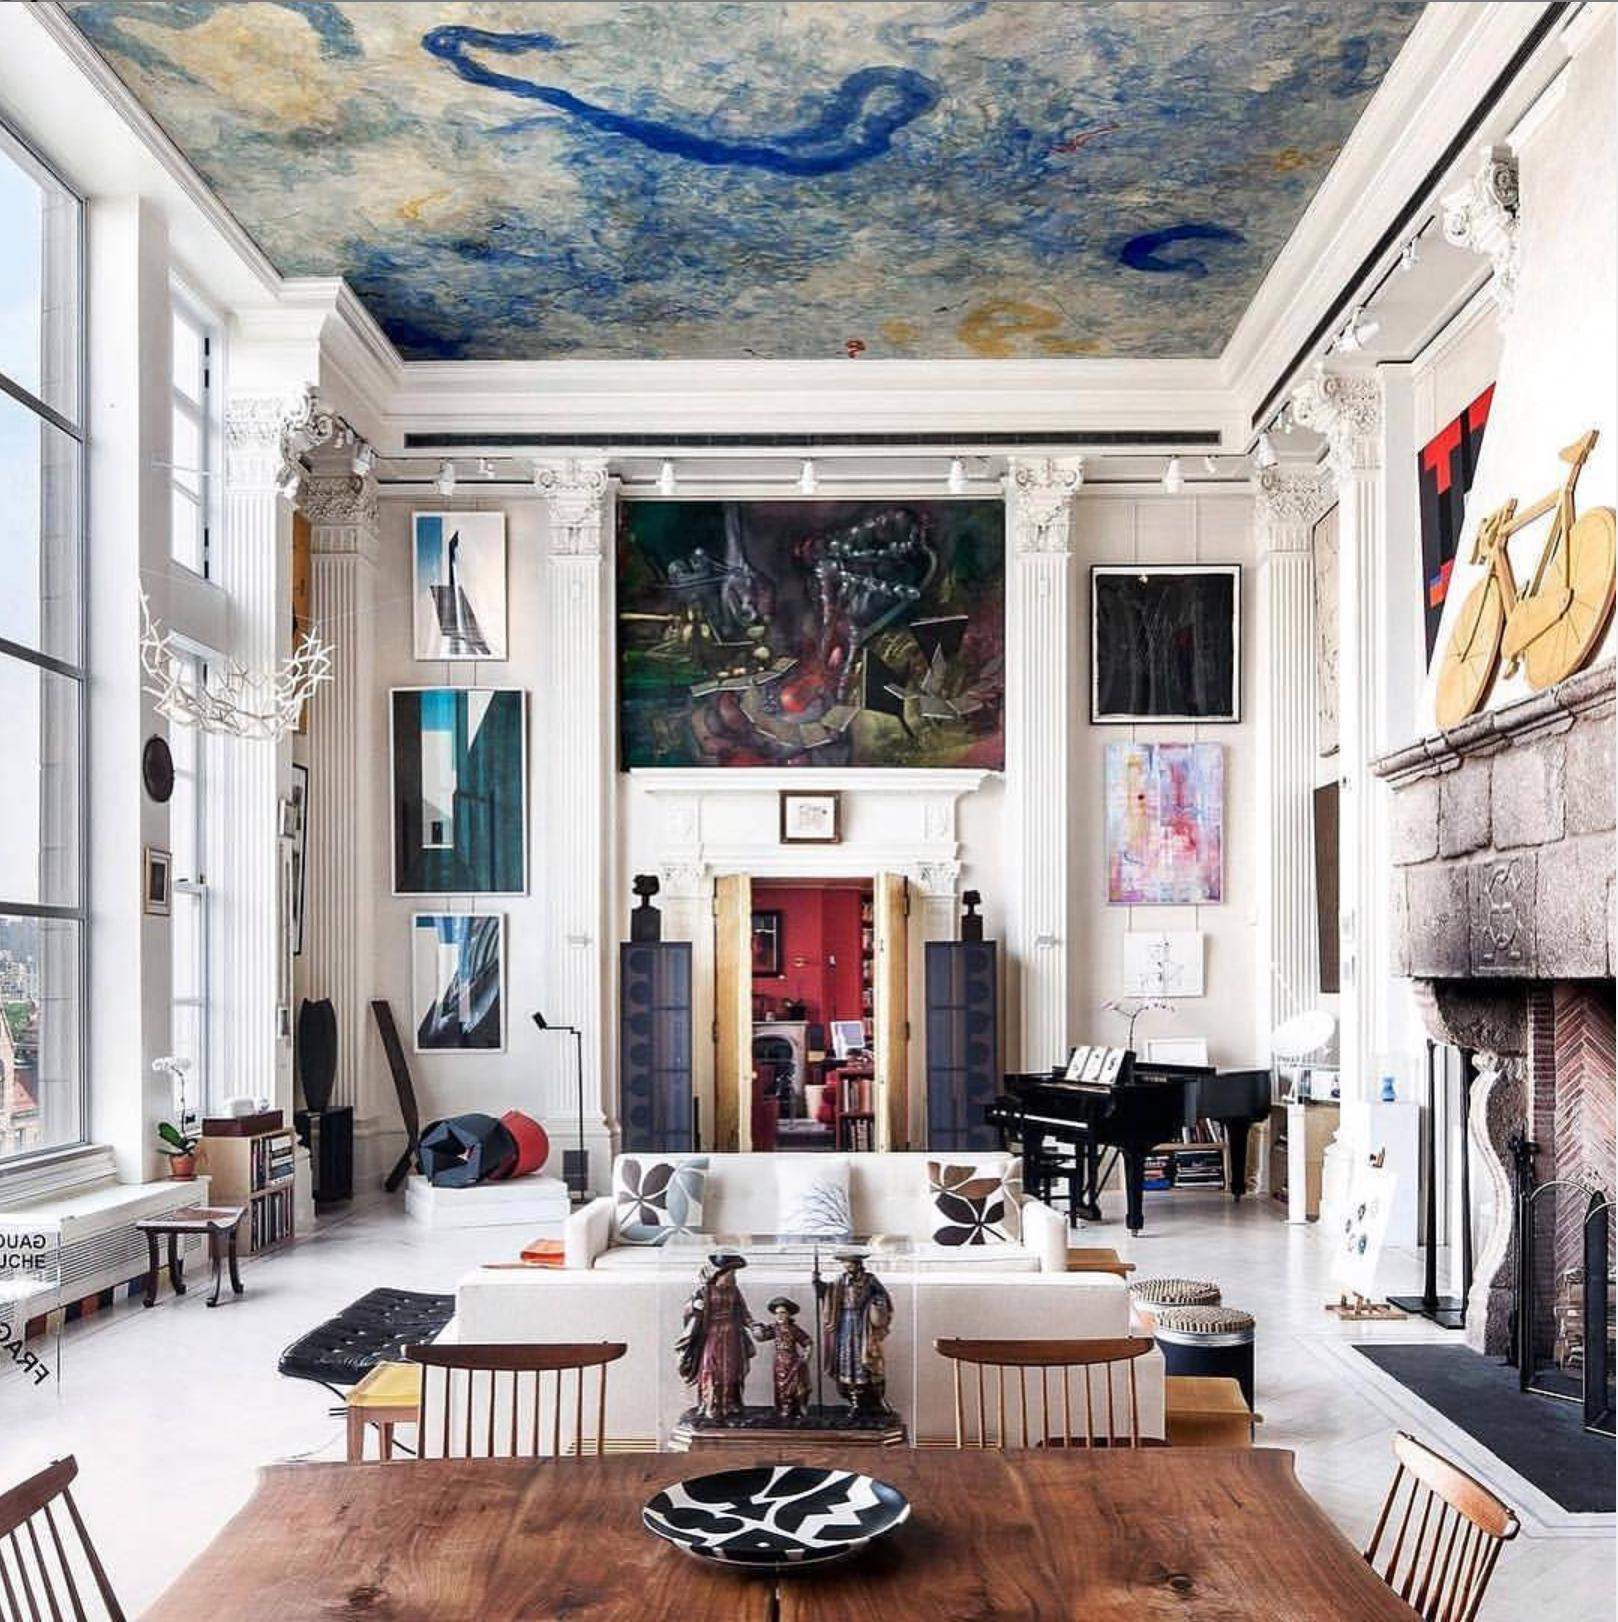 Interior Design Vs Architecture Reddit: Pre-war Penthouse Lincoln Square New York [1618x1622